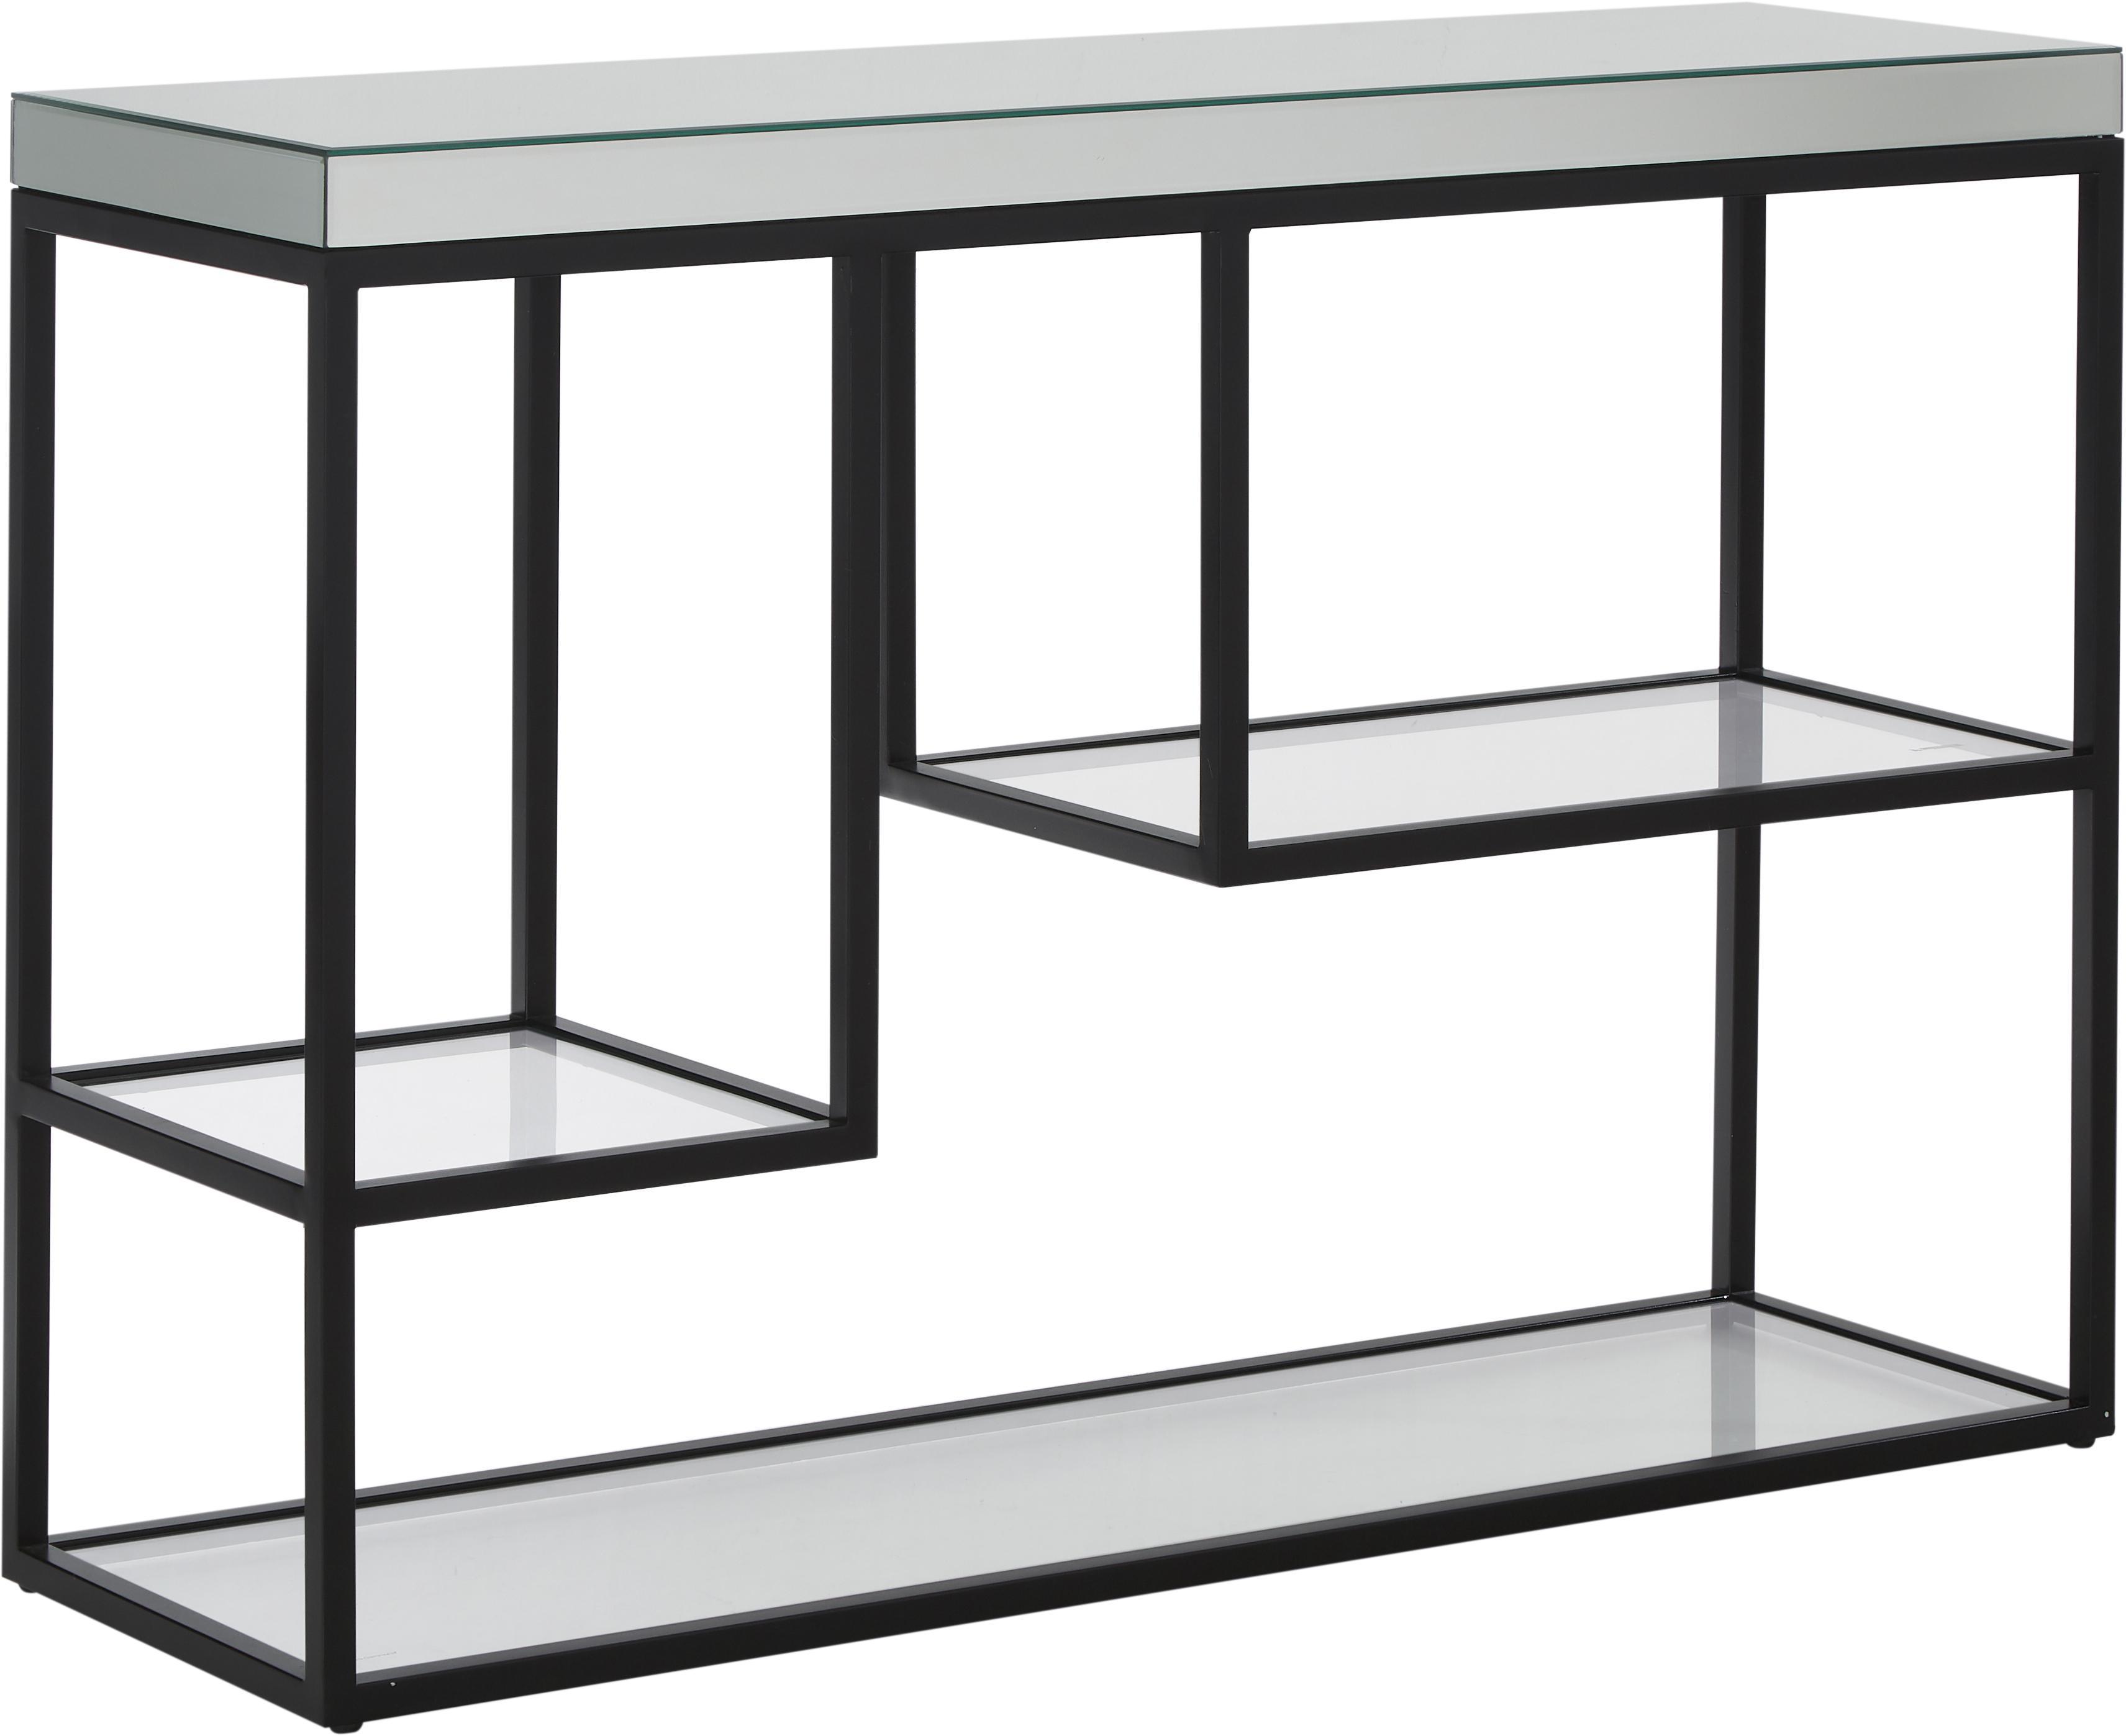 Konsola ze szklanym blatem i półkami Pippard, Stelaż: metal lakierowany, Czarny, transparentny, S 120 x W 82 cm